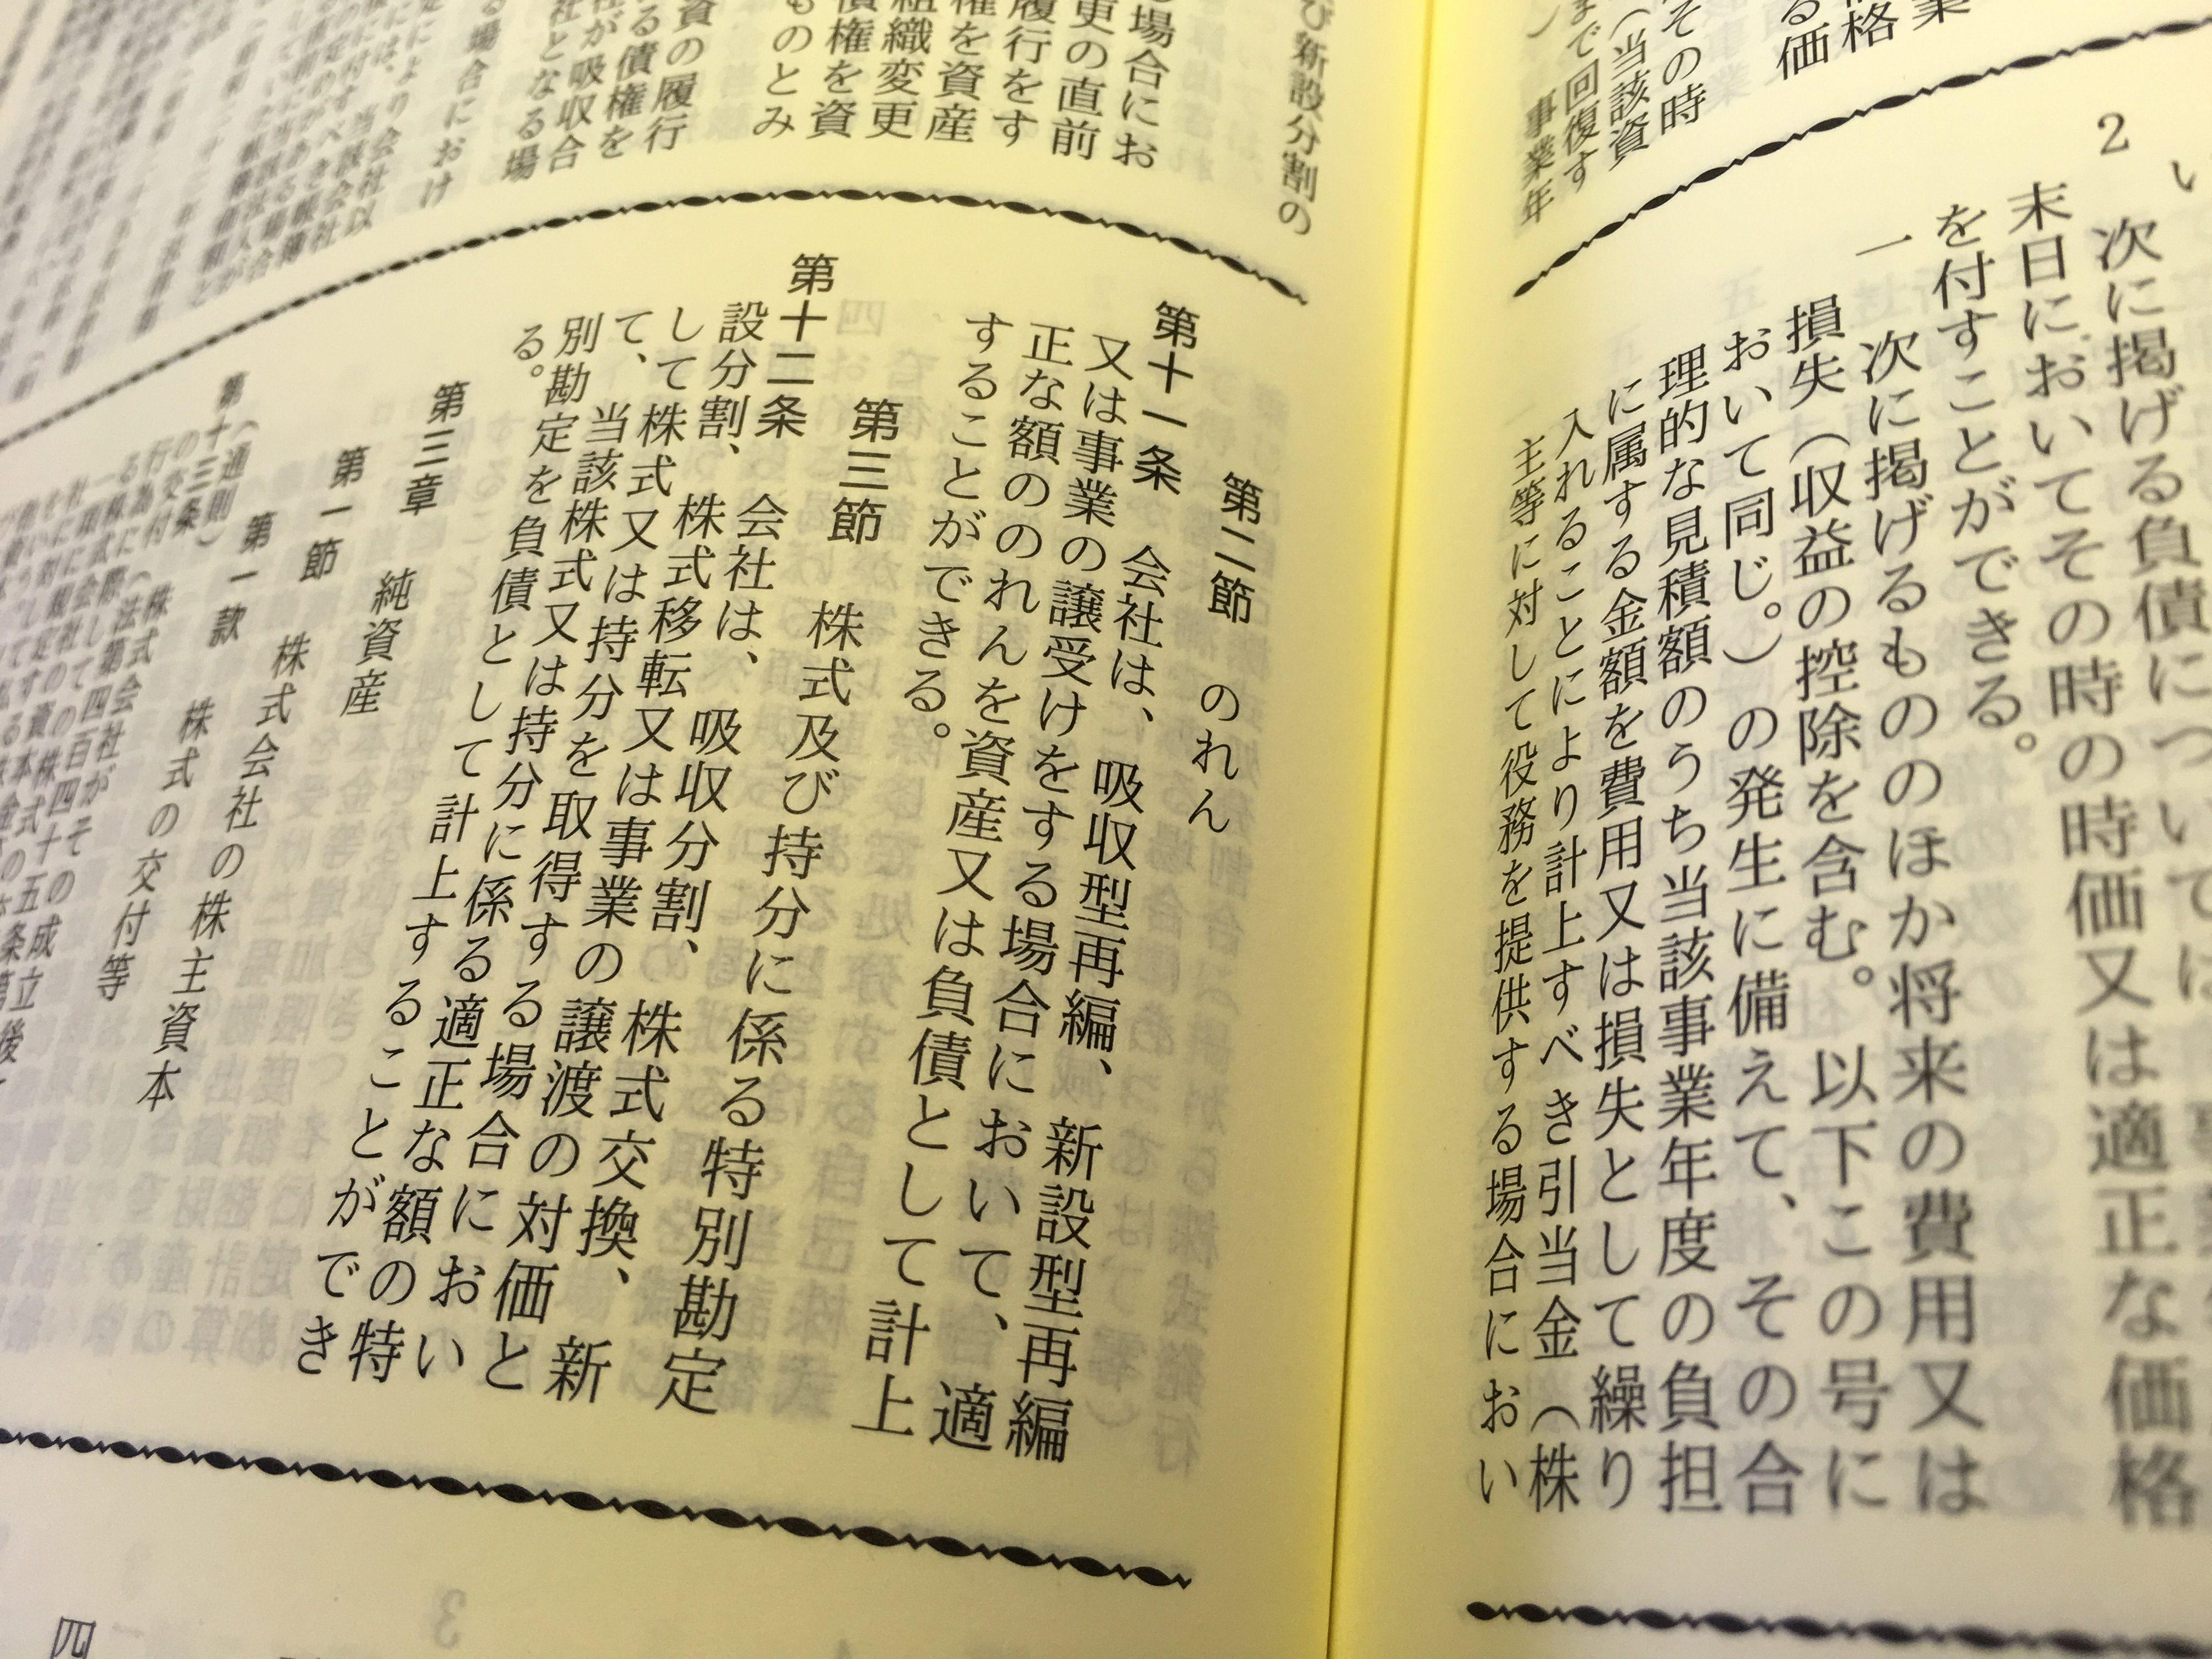 株価 株式 薬品 会社 武田 工業